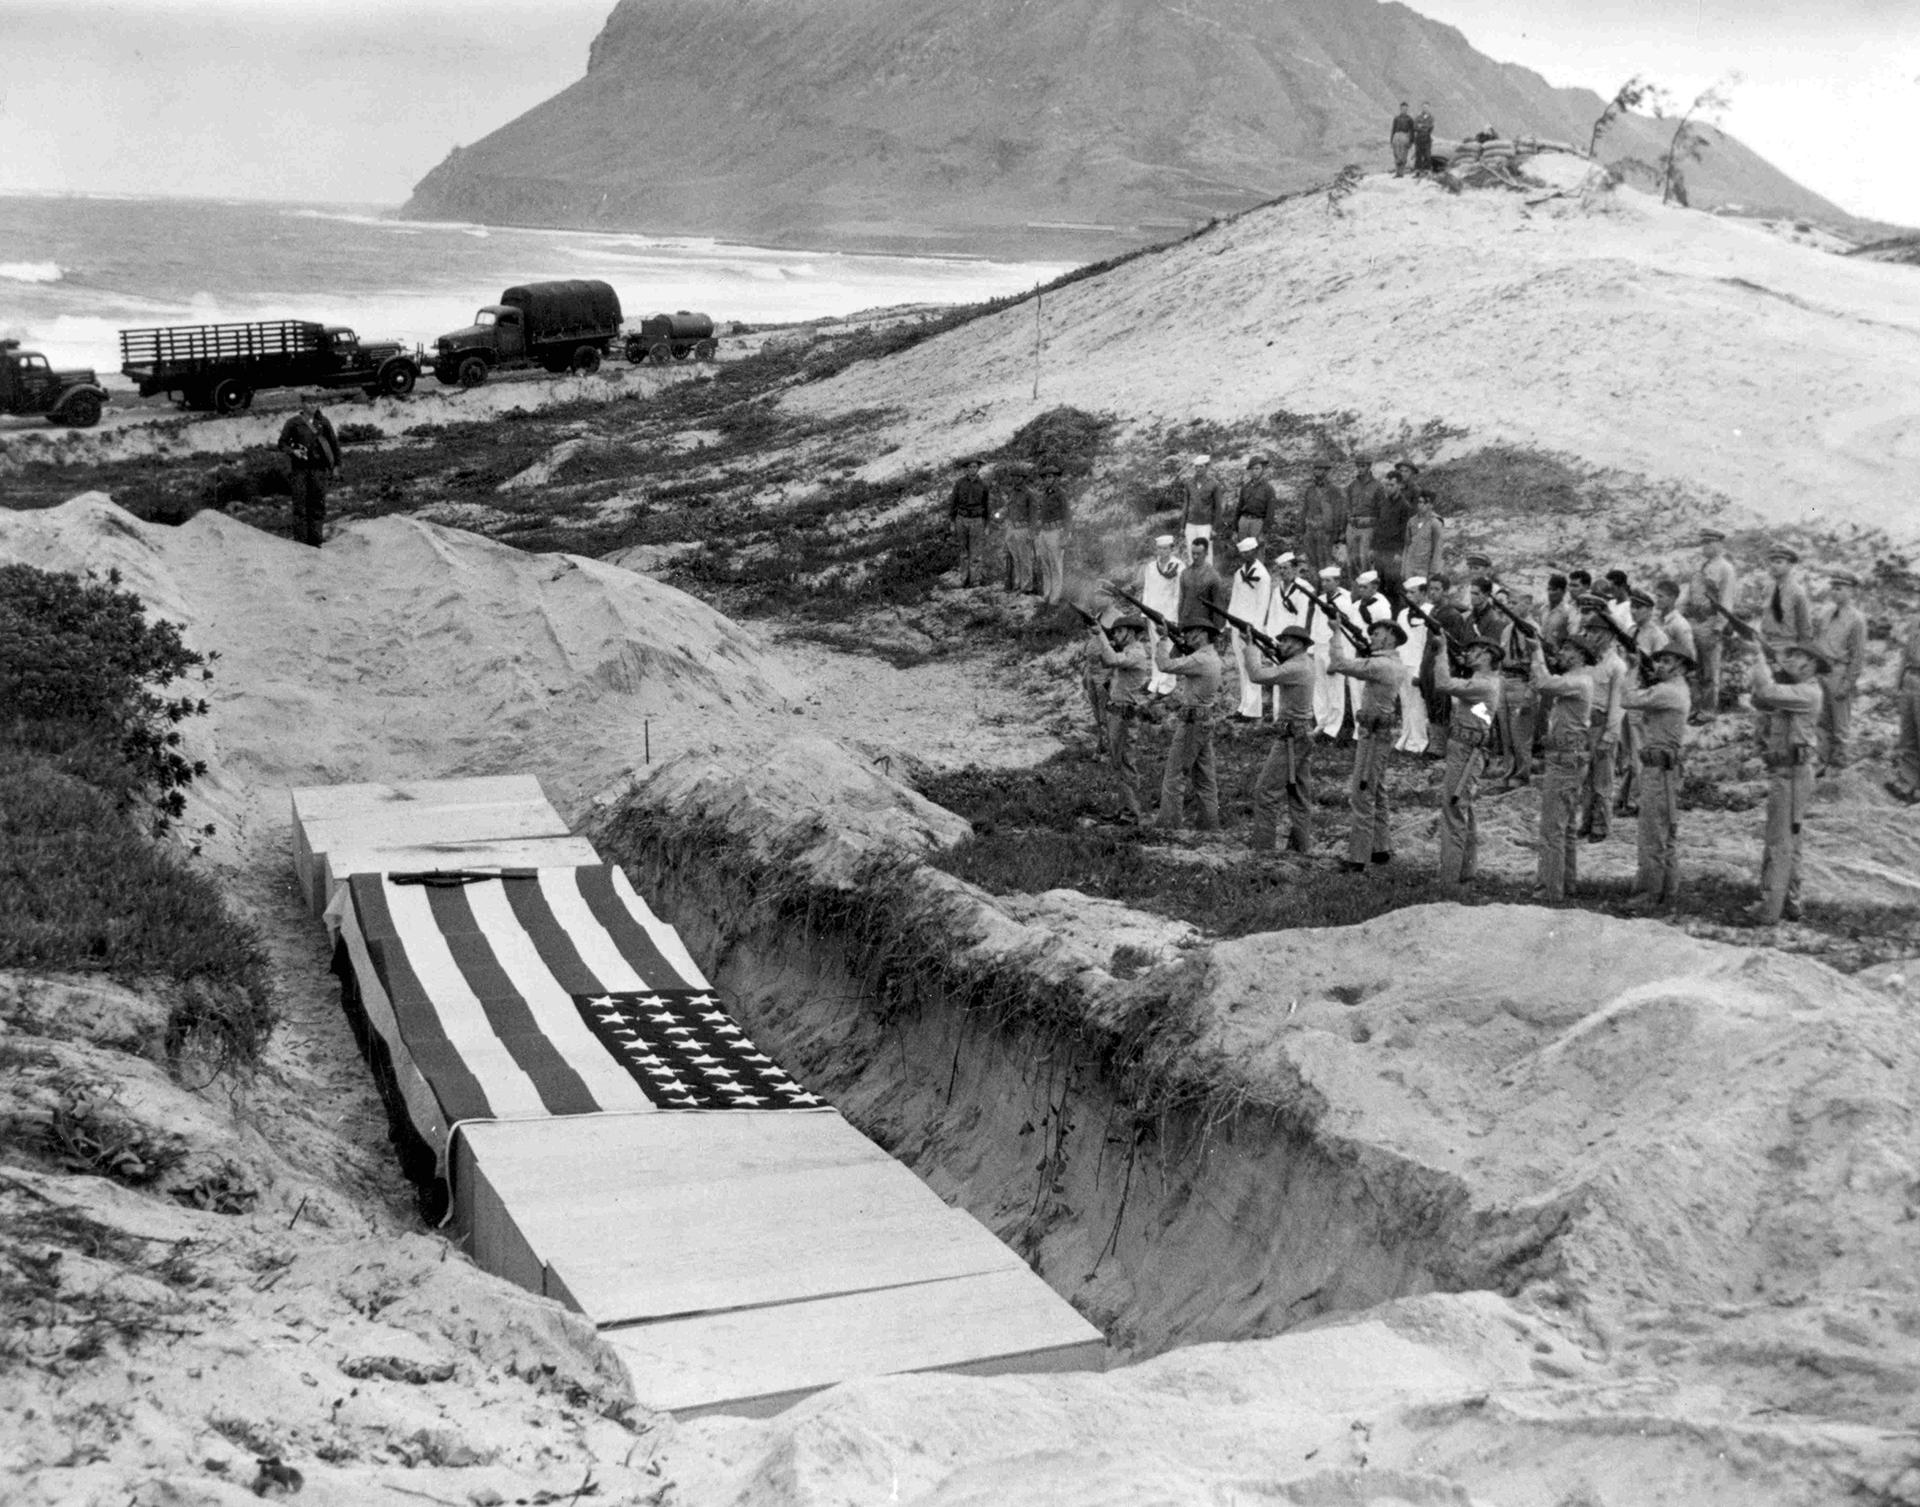 Una escuadra de fusileros de la marina norteamericana dispara en homenaje a quince oficiales y soldados muertos en la estación aérea naval de la bahía de Kanoehe